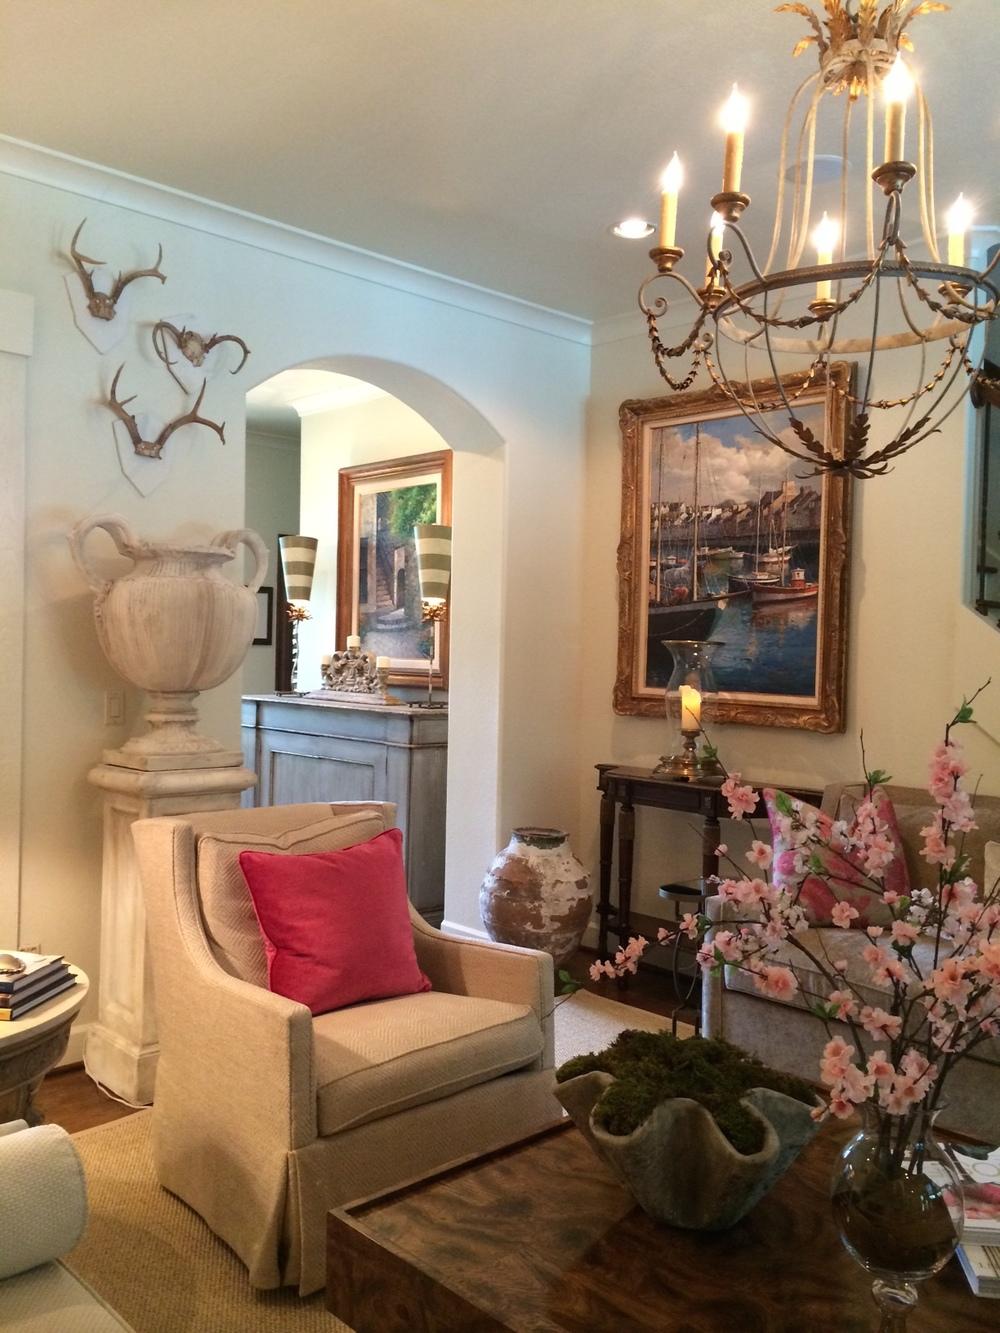 livingroomdetails.jpg